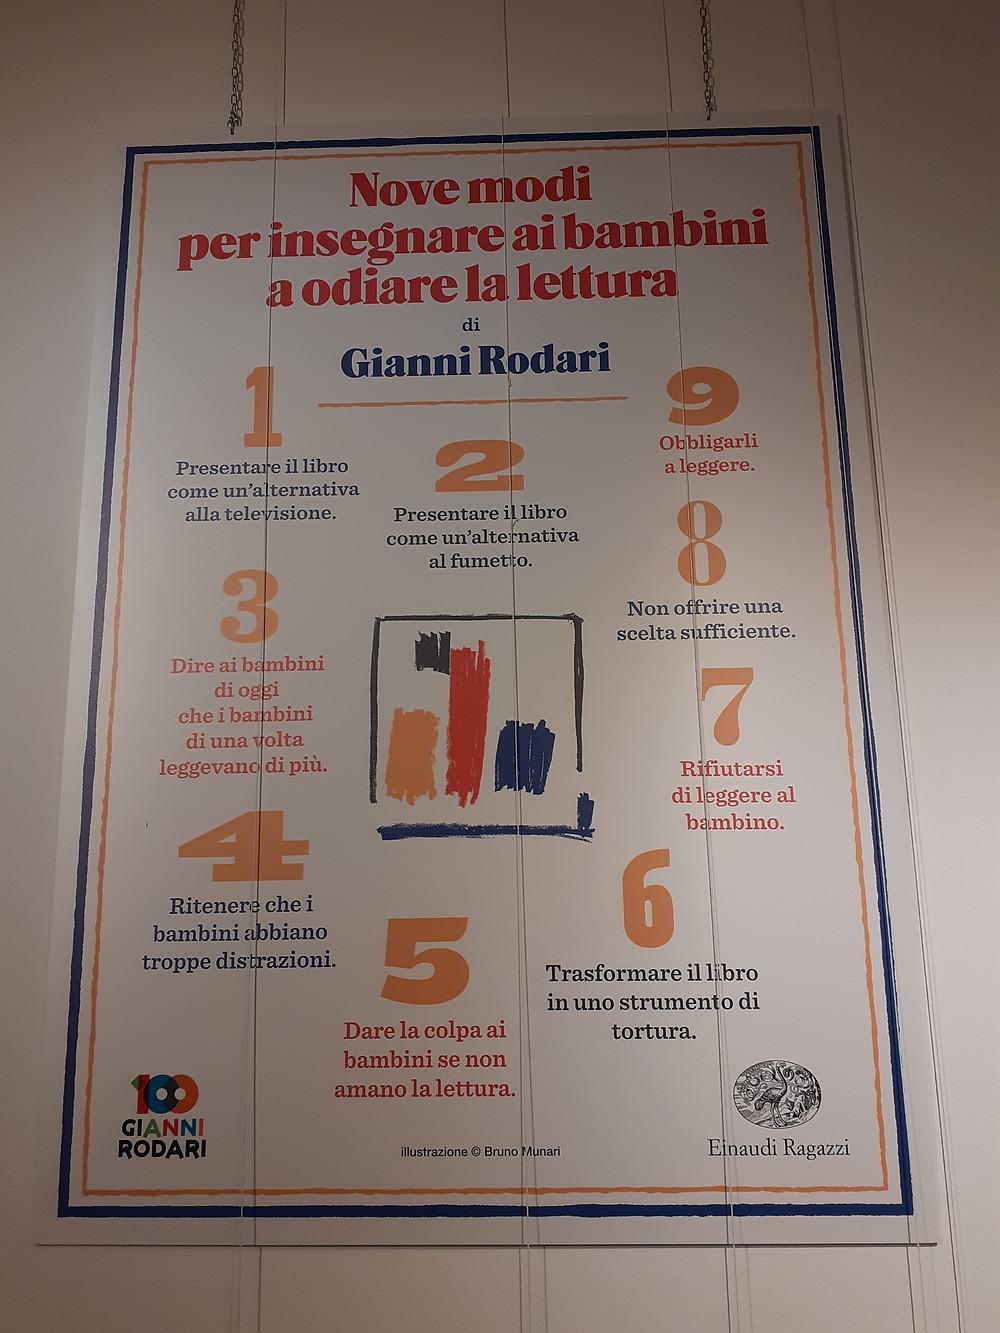 Quadro de Gianni Rodari com 9 formas de ensinar as crianças a odiarem a leitura